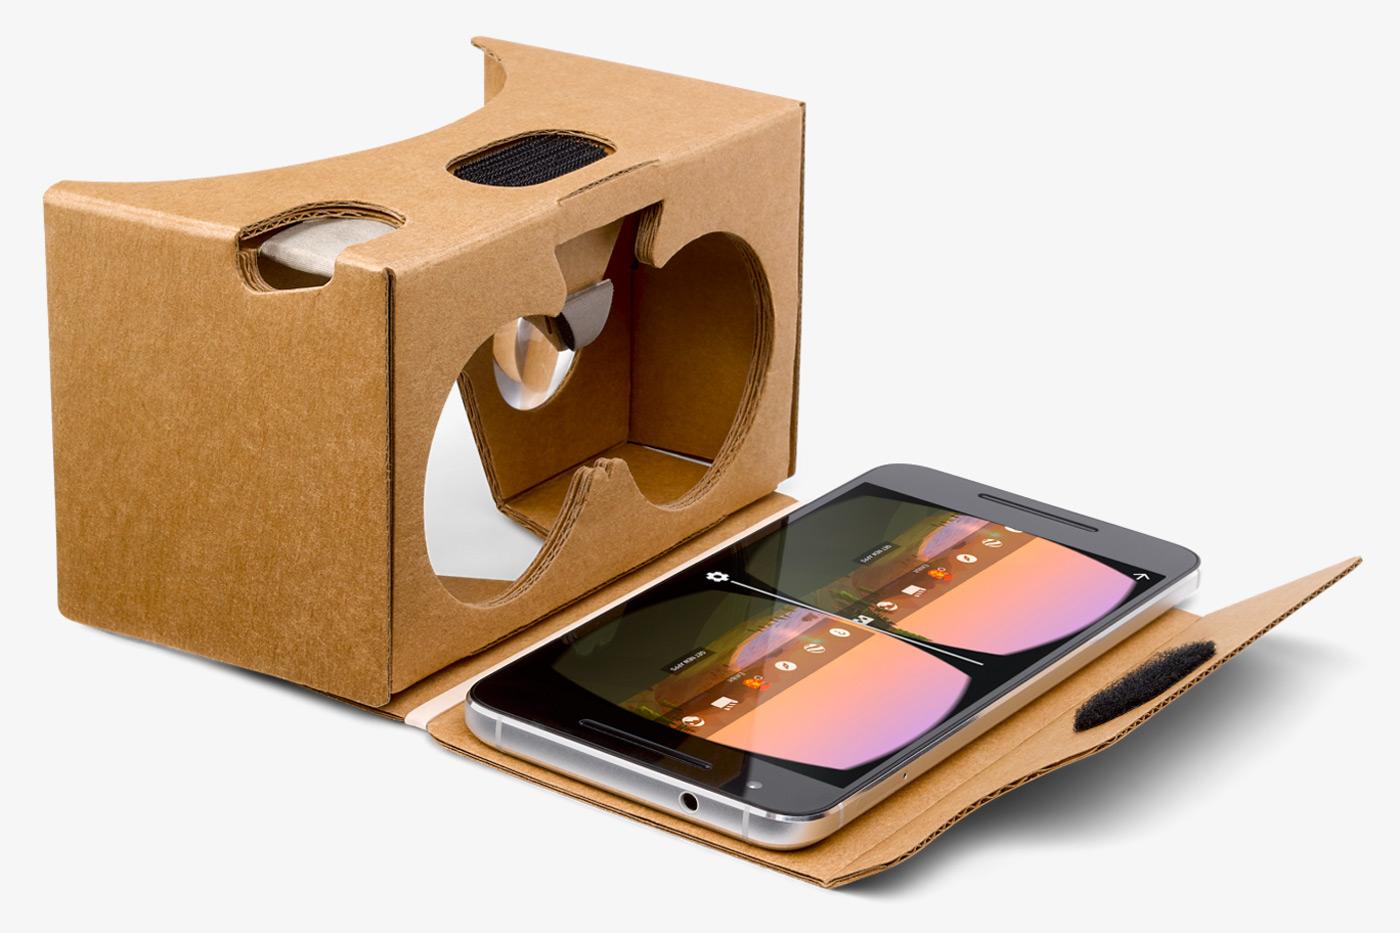 Делаем очки виртуальной реальности в домашних условиях 5